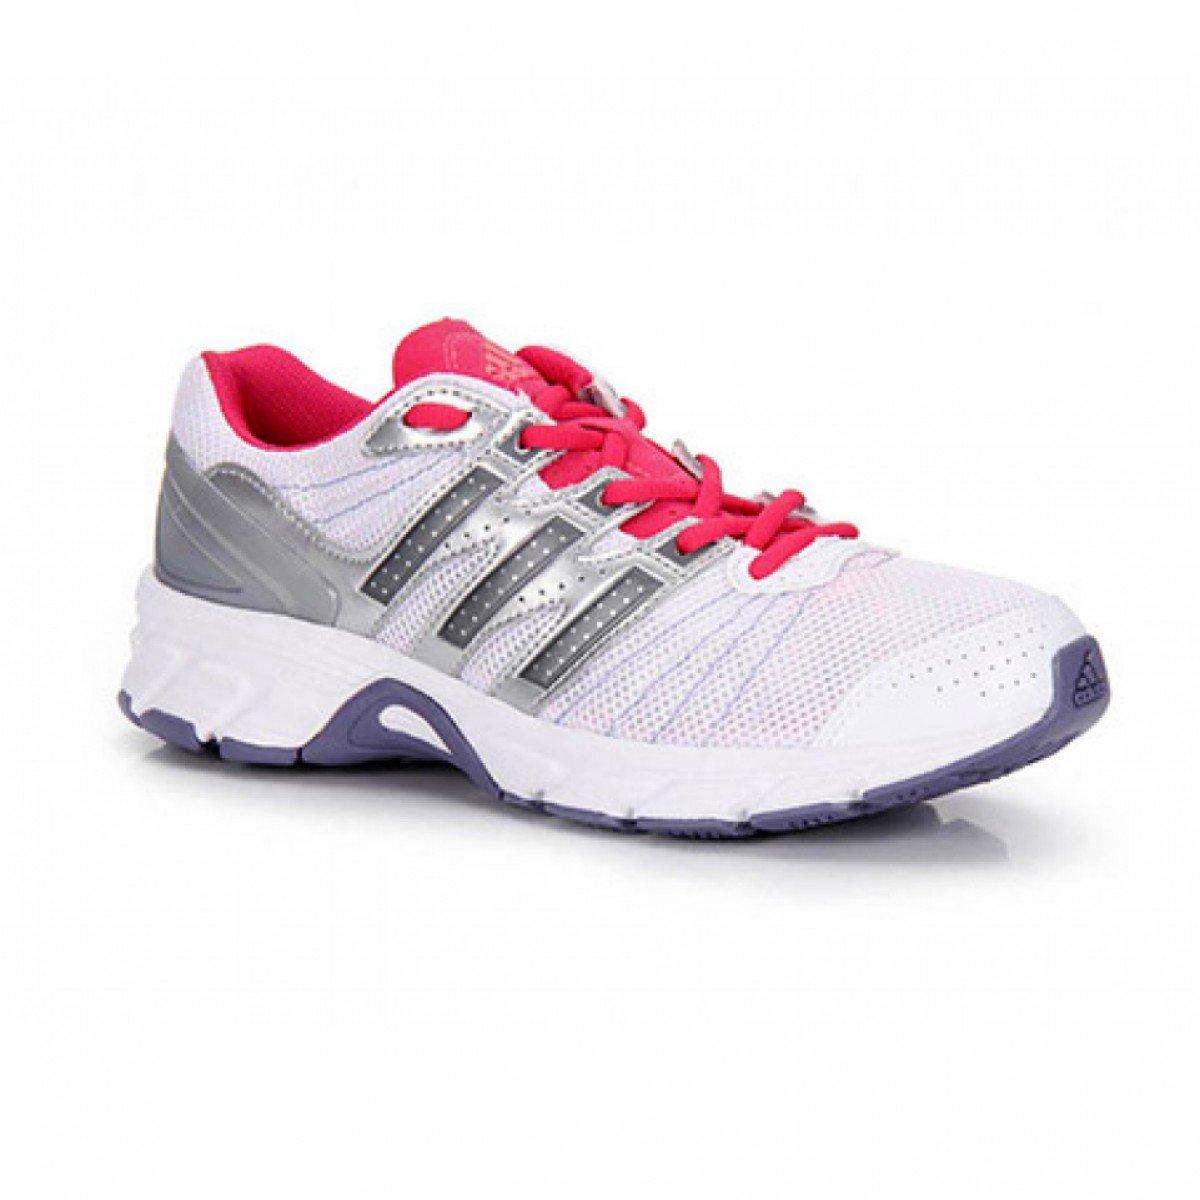 Tênis Feminino Adidas Roadmace - Compre Agora  60124eceb854f